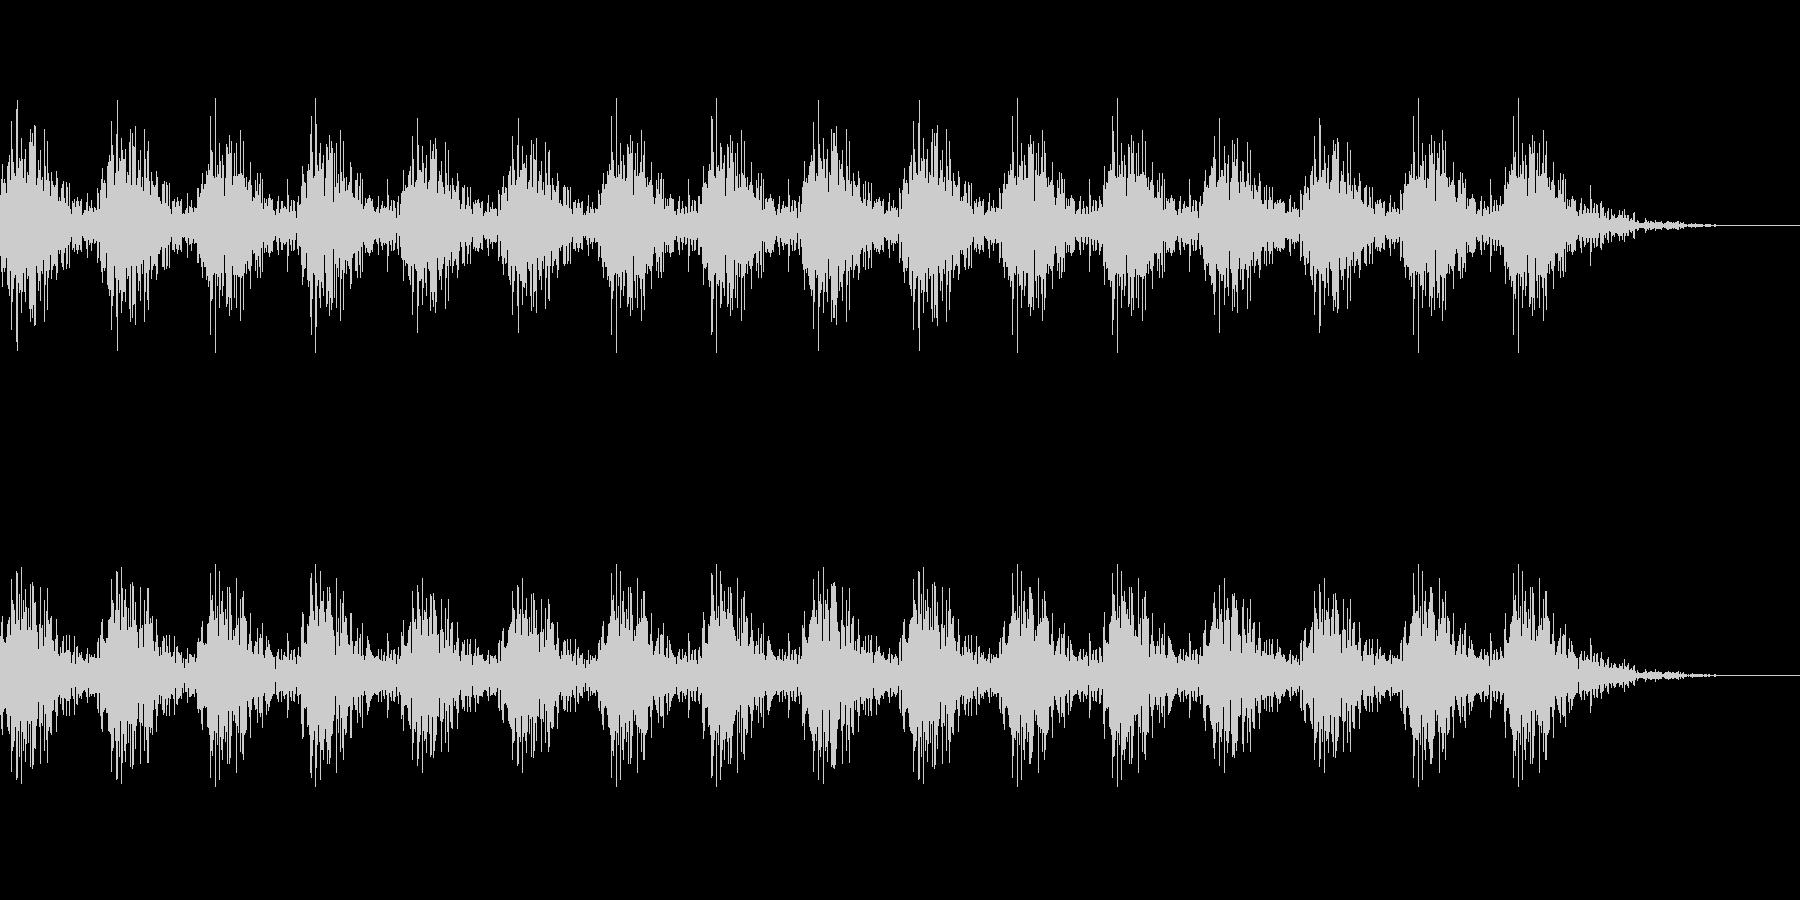 どんどん(巨人、速歩き)A03の未再生の波形